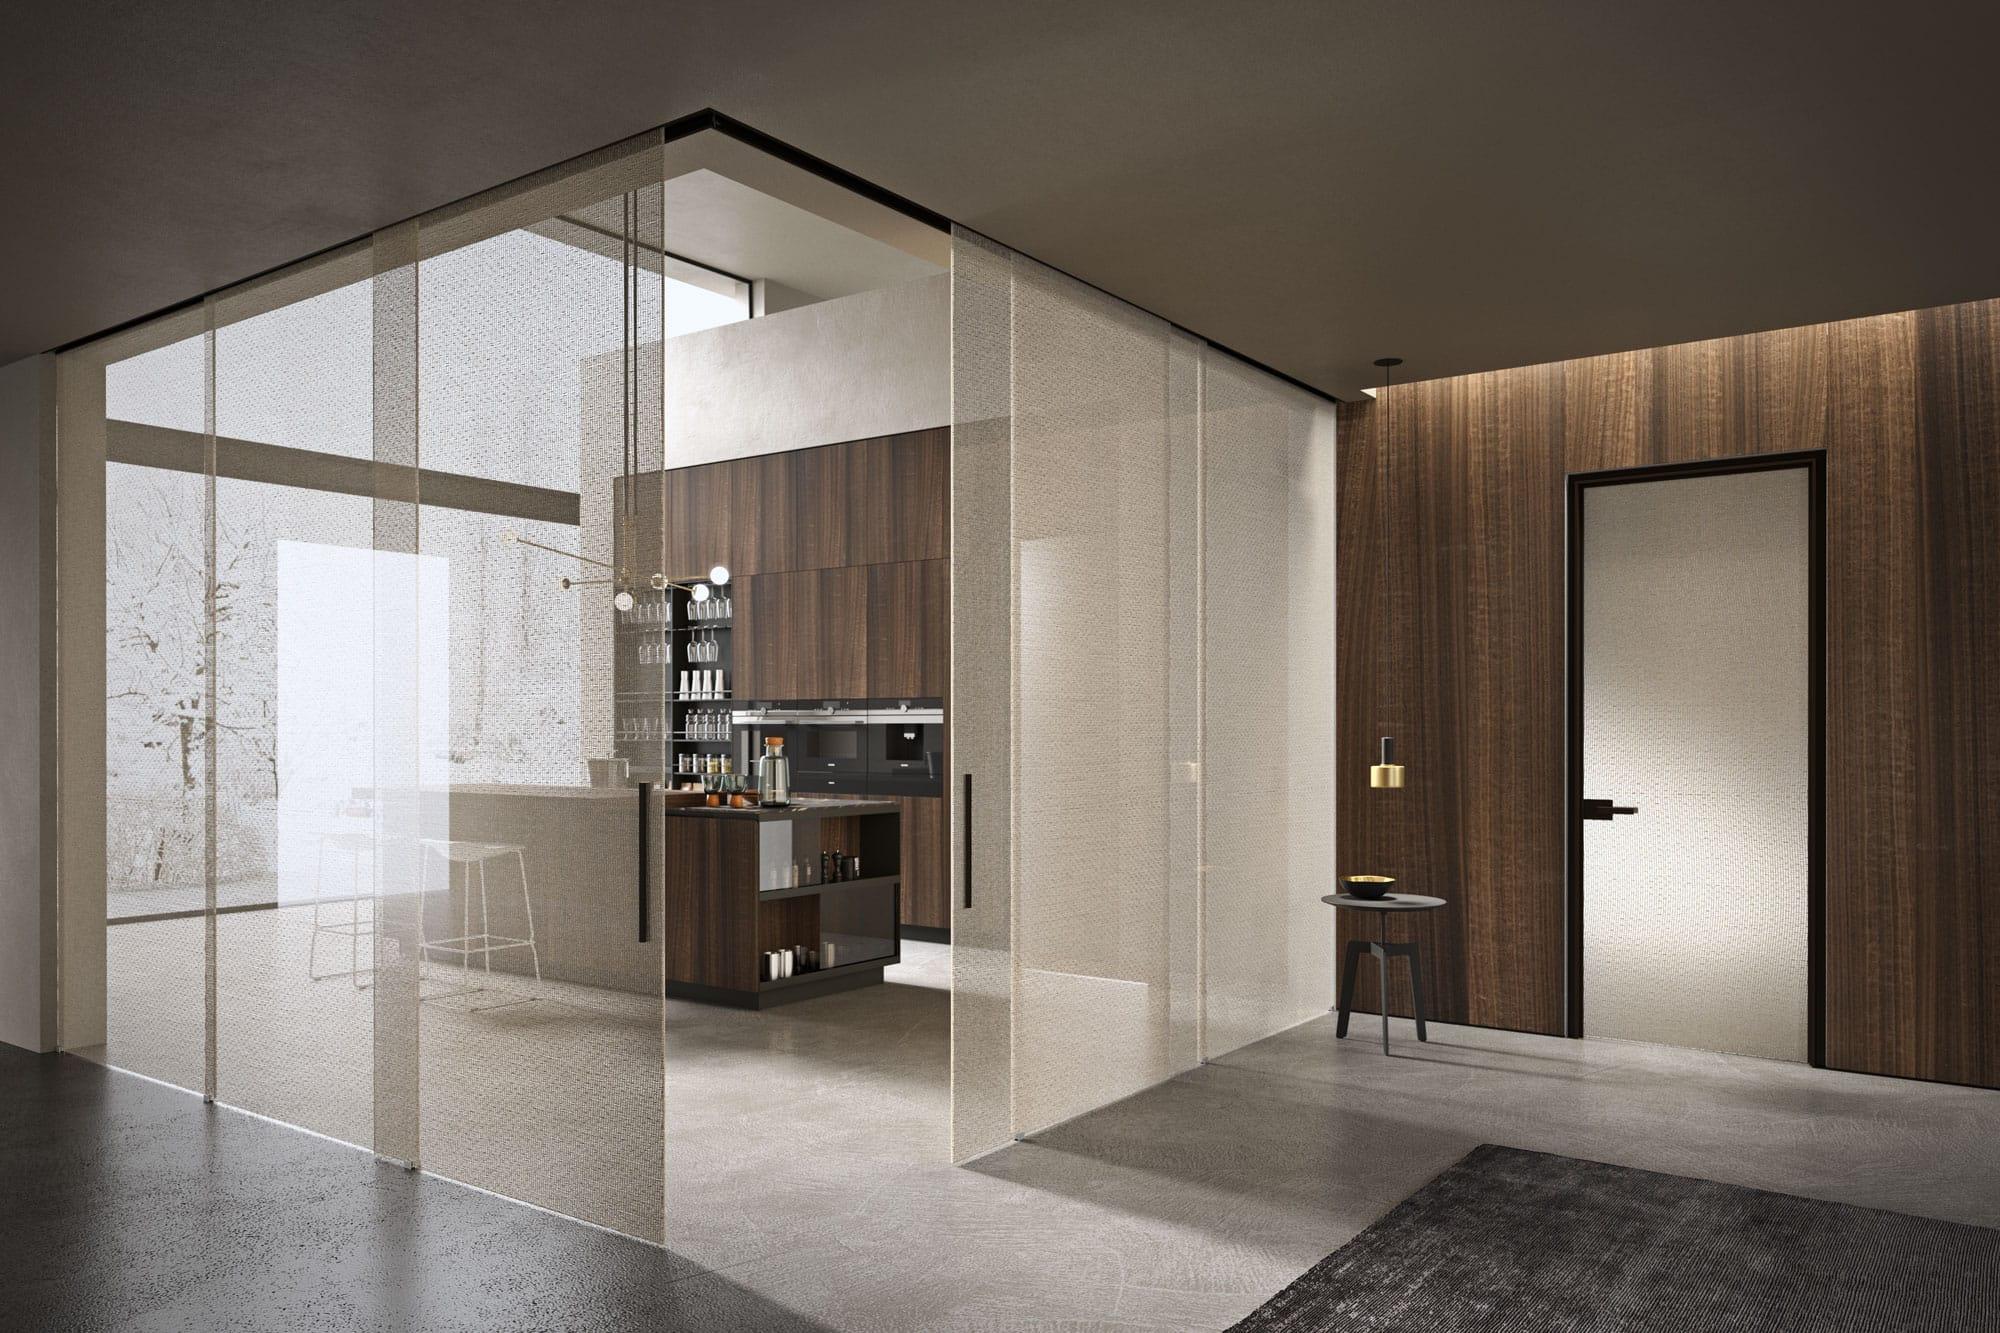 Parete Divisoria Con Porta Scorrevole gli ambienti | henry glass